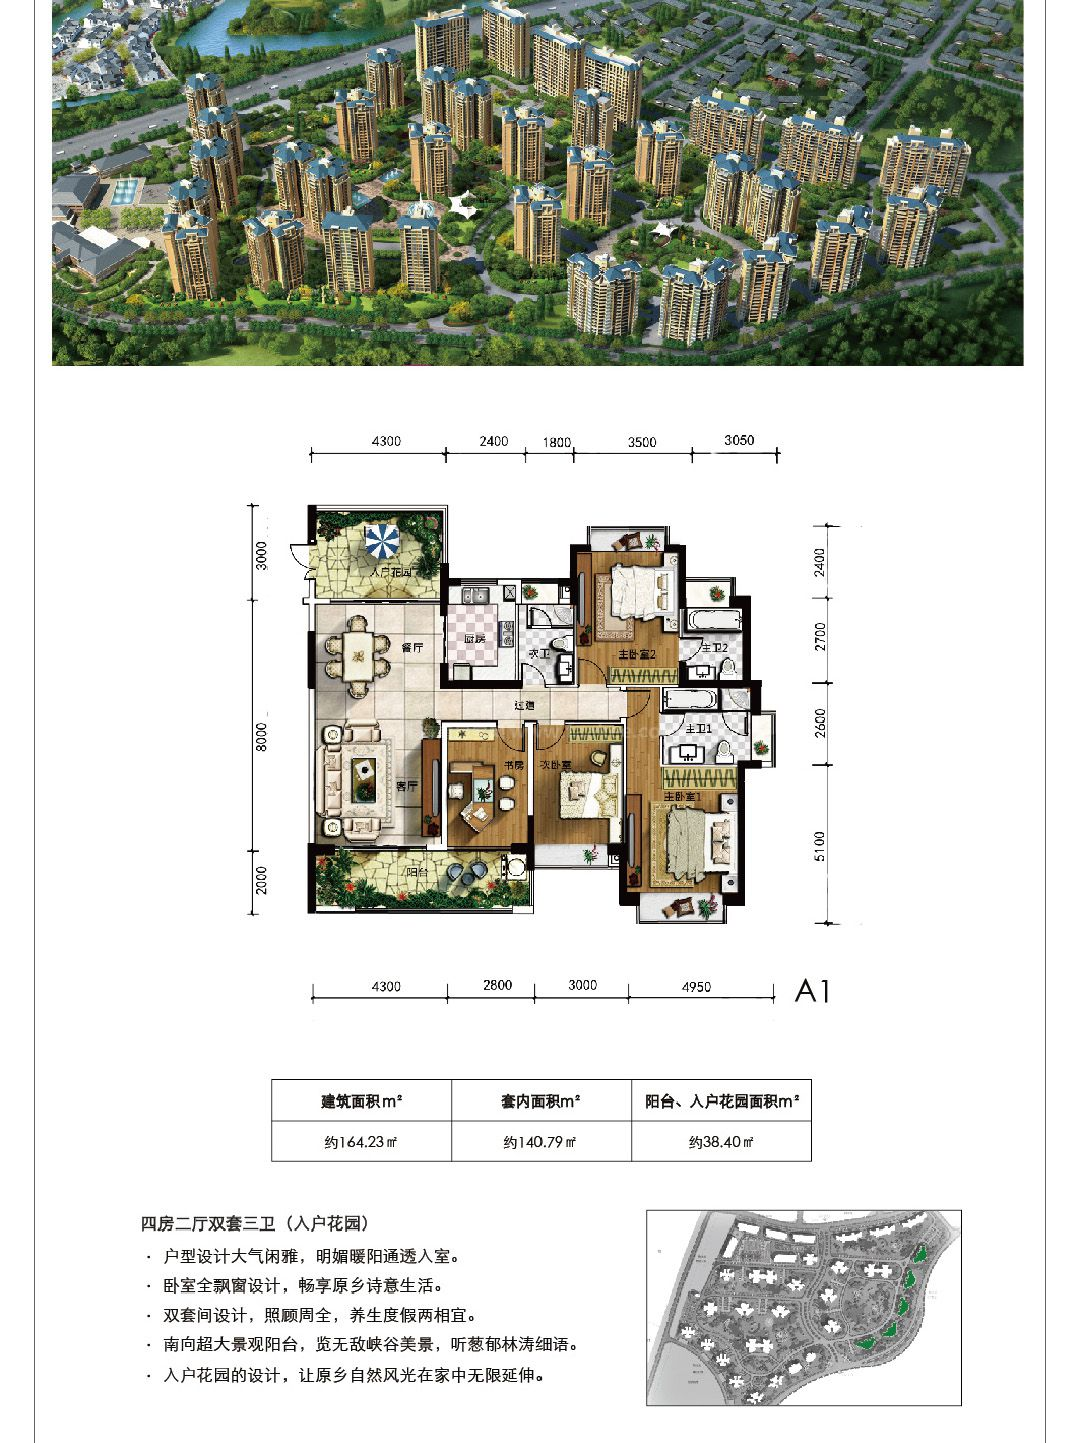 山居高黎洋房A1户型 4室2厅3卫1厨 建筑面积:164.23㎡